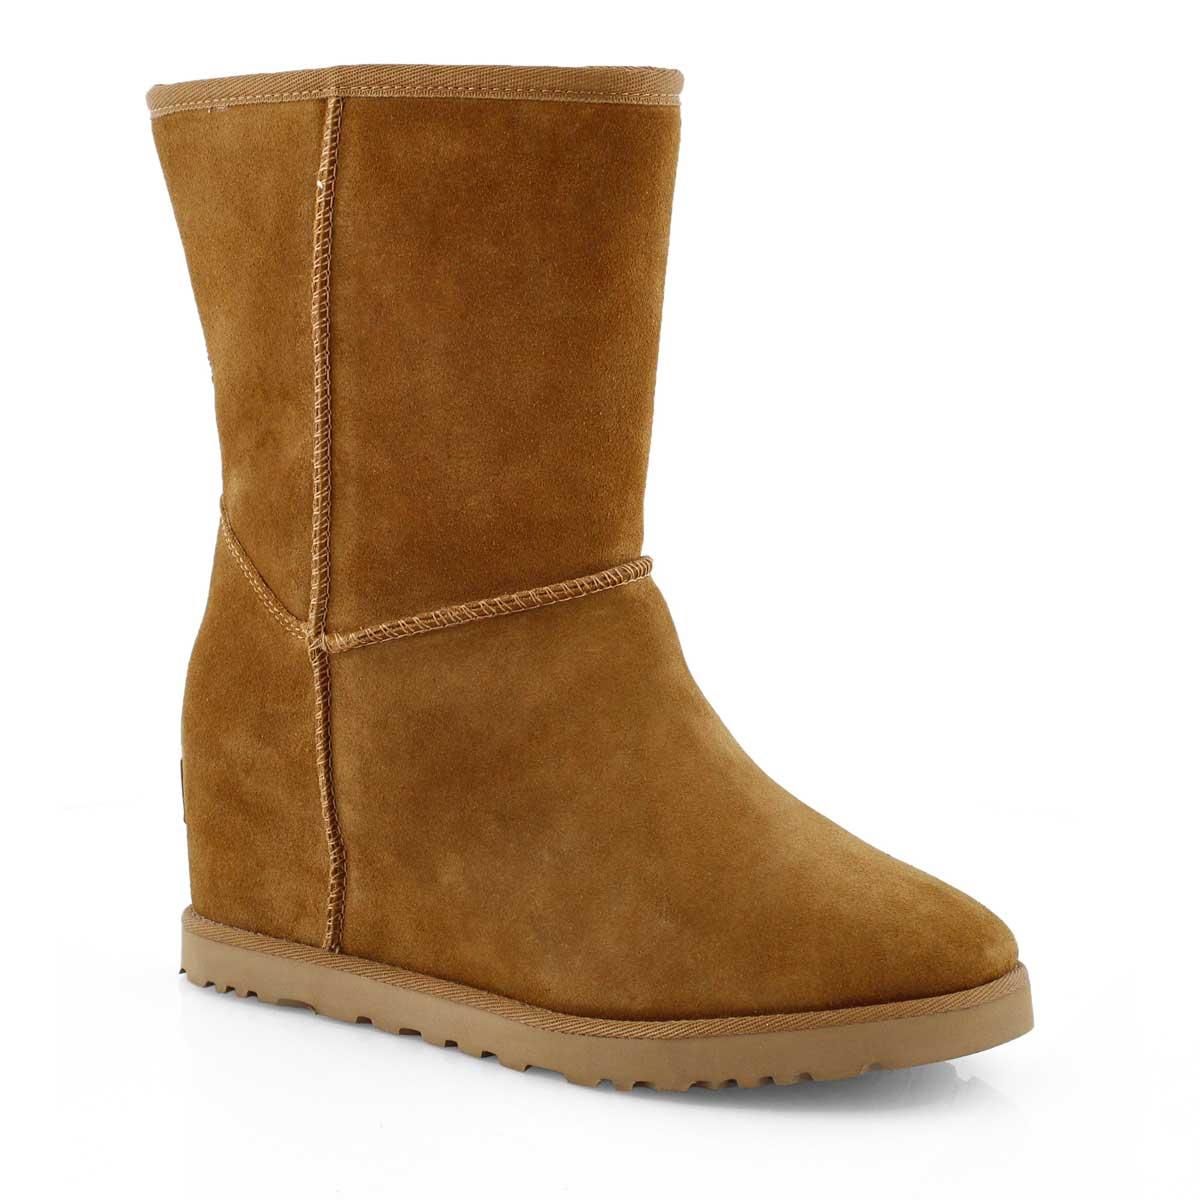 Lds Classic Femme Short ches shpskn boot